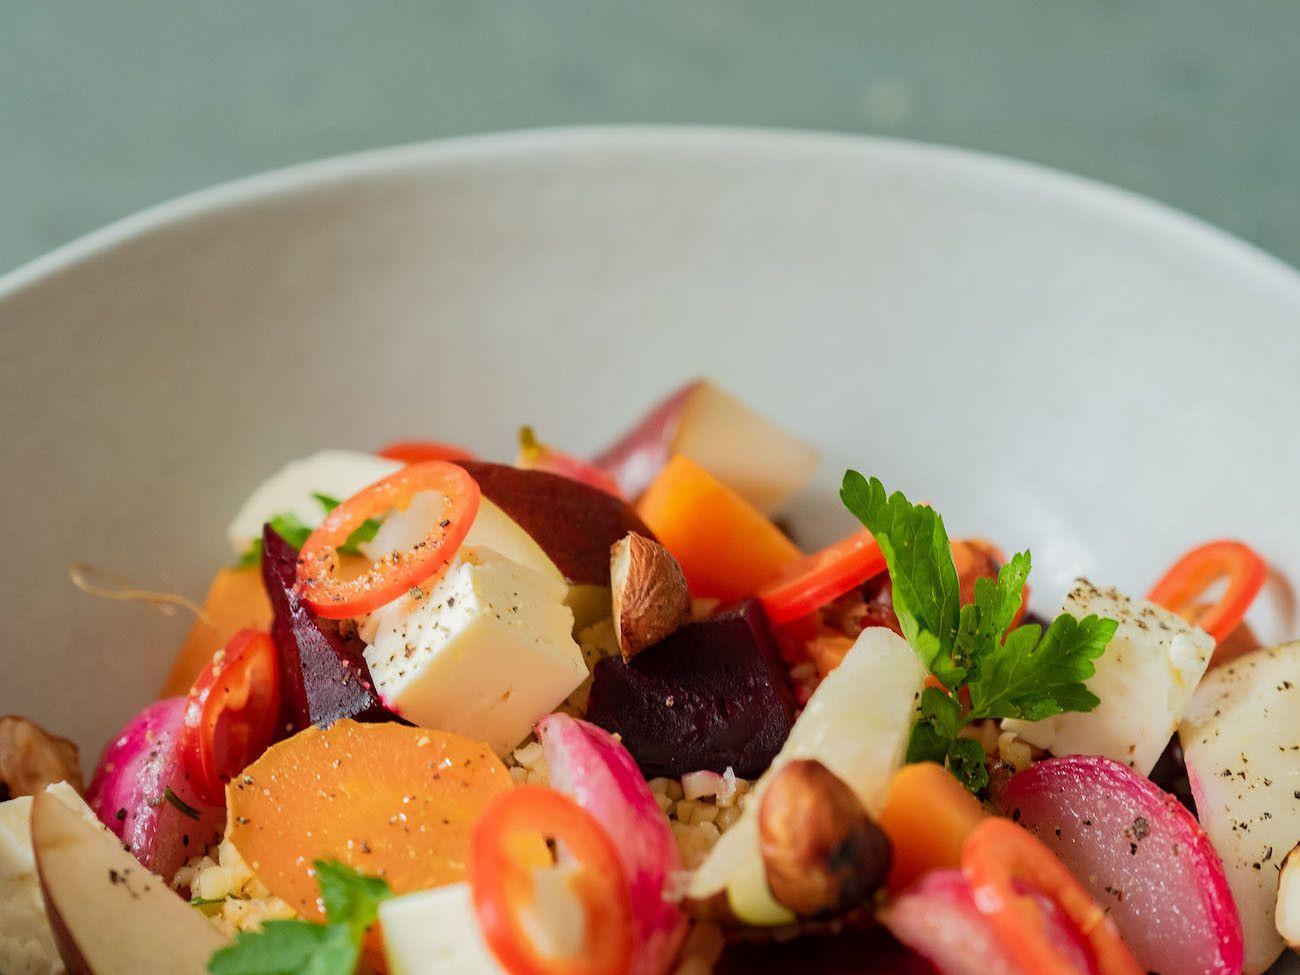 Foodblog, About Fuel, Gebackene Rote Bete und Karotten auf Bulgursalat mit Birne, Haselnüsse, Petersilie, Chili